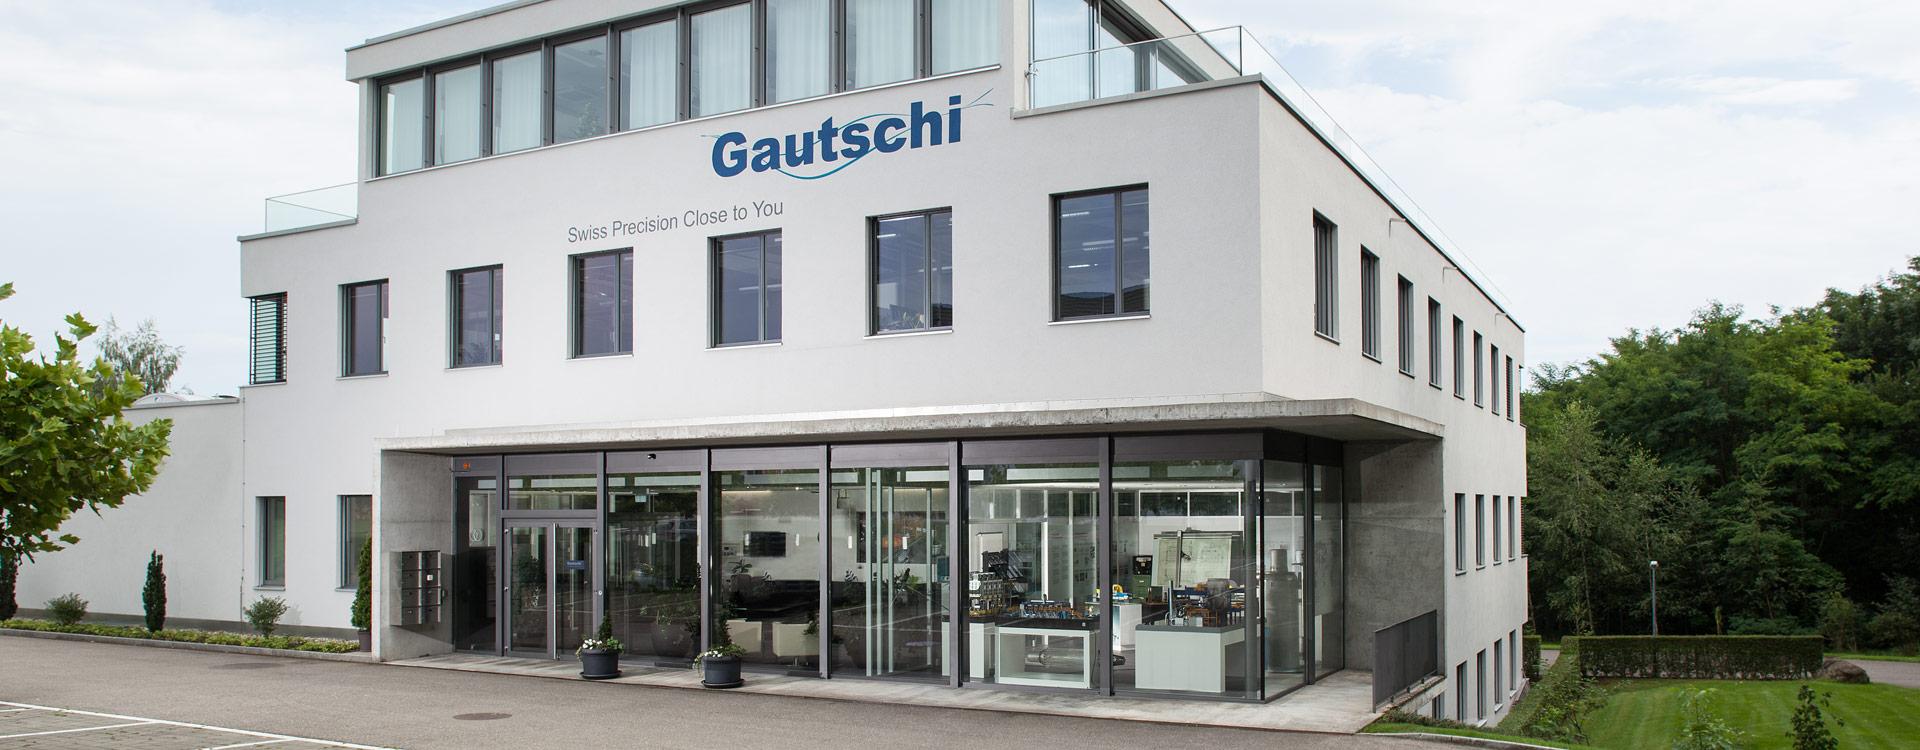 Gautschi - EBNER Group